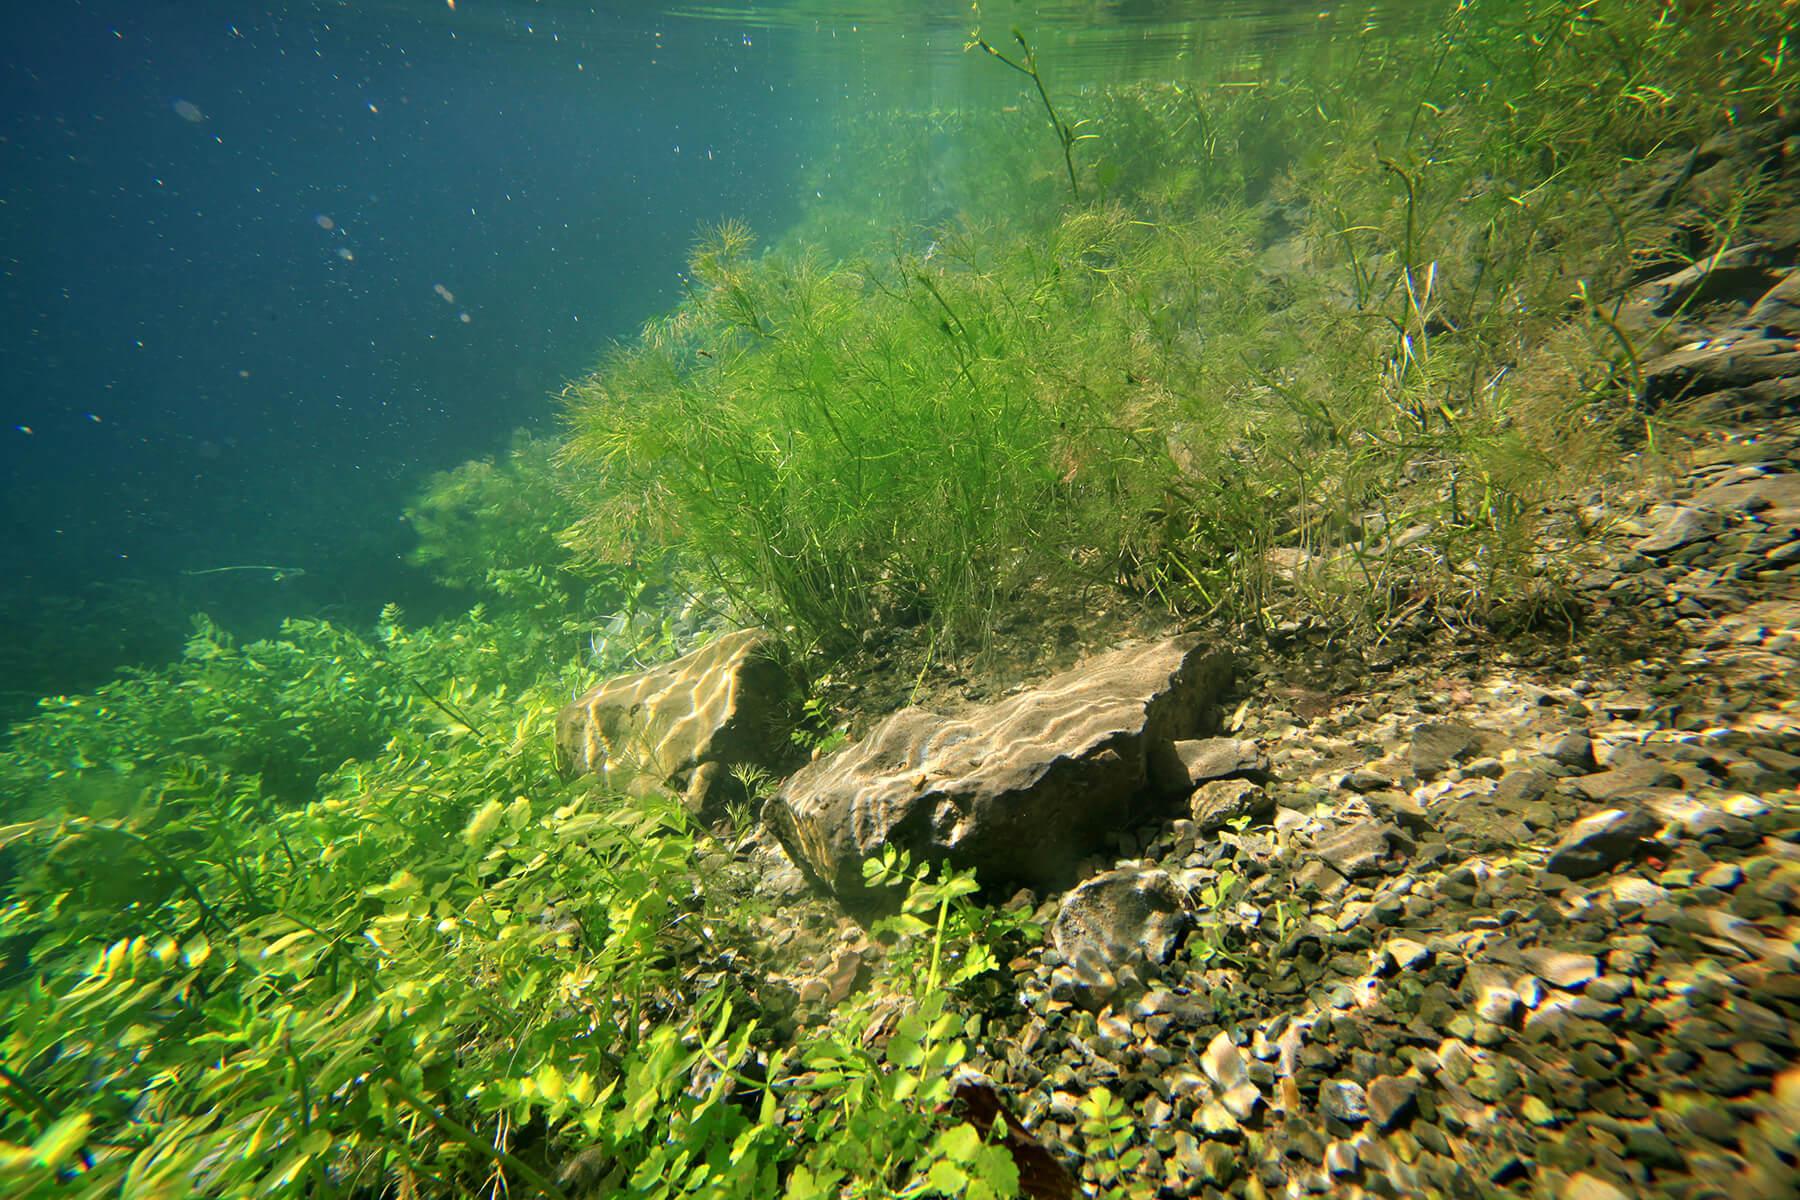 Wie tief soll ein Teich sein   Blog   Teichzeit.de   Aquaristik, Teichzubehör und Co